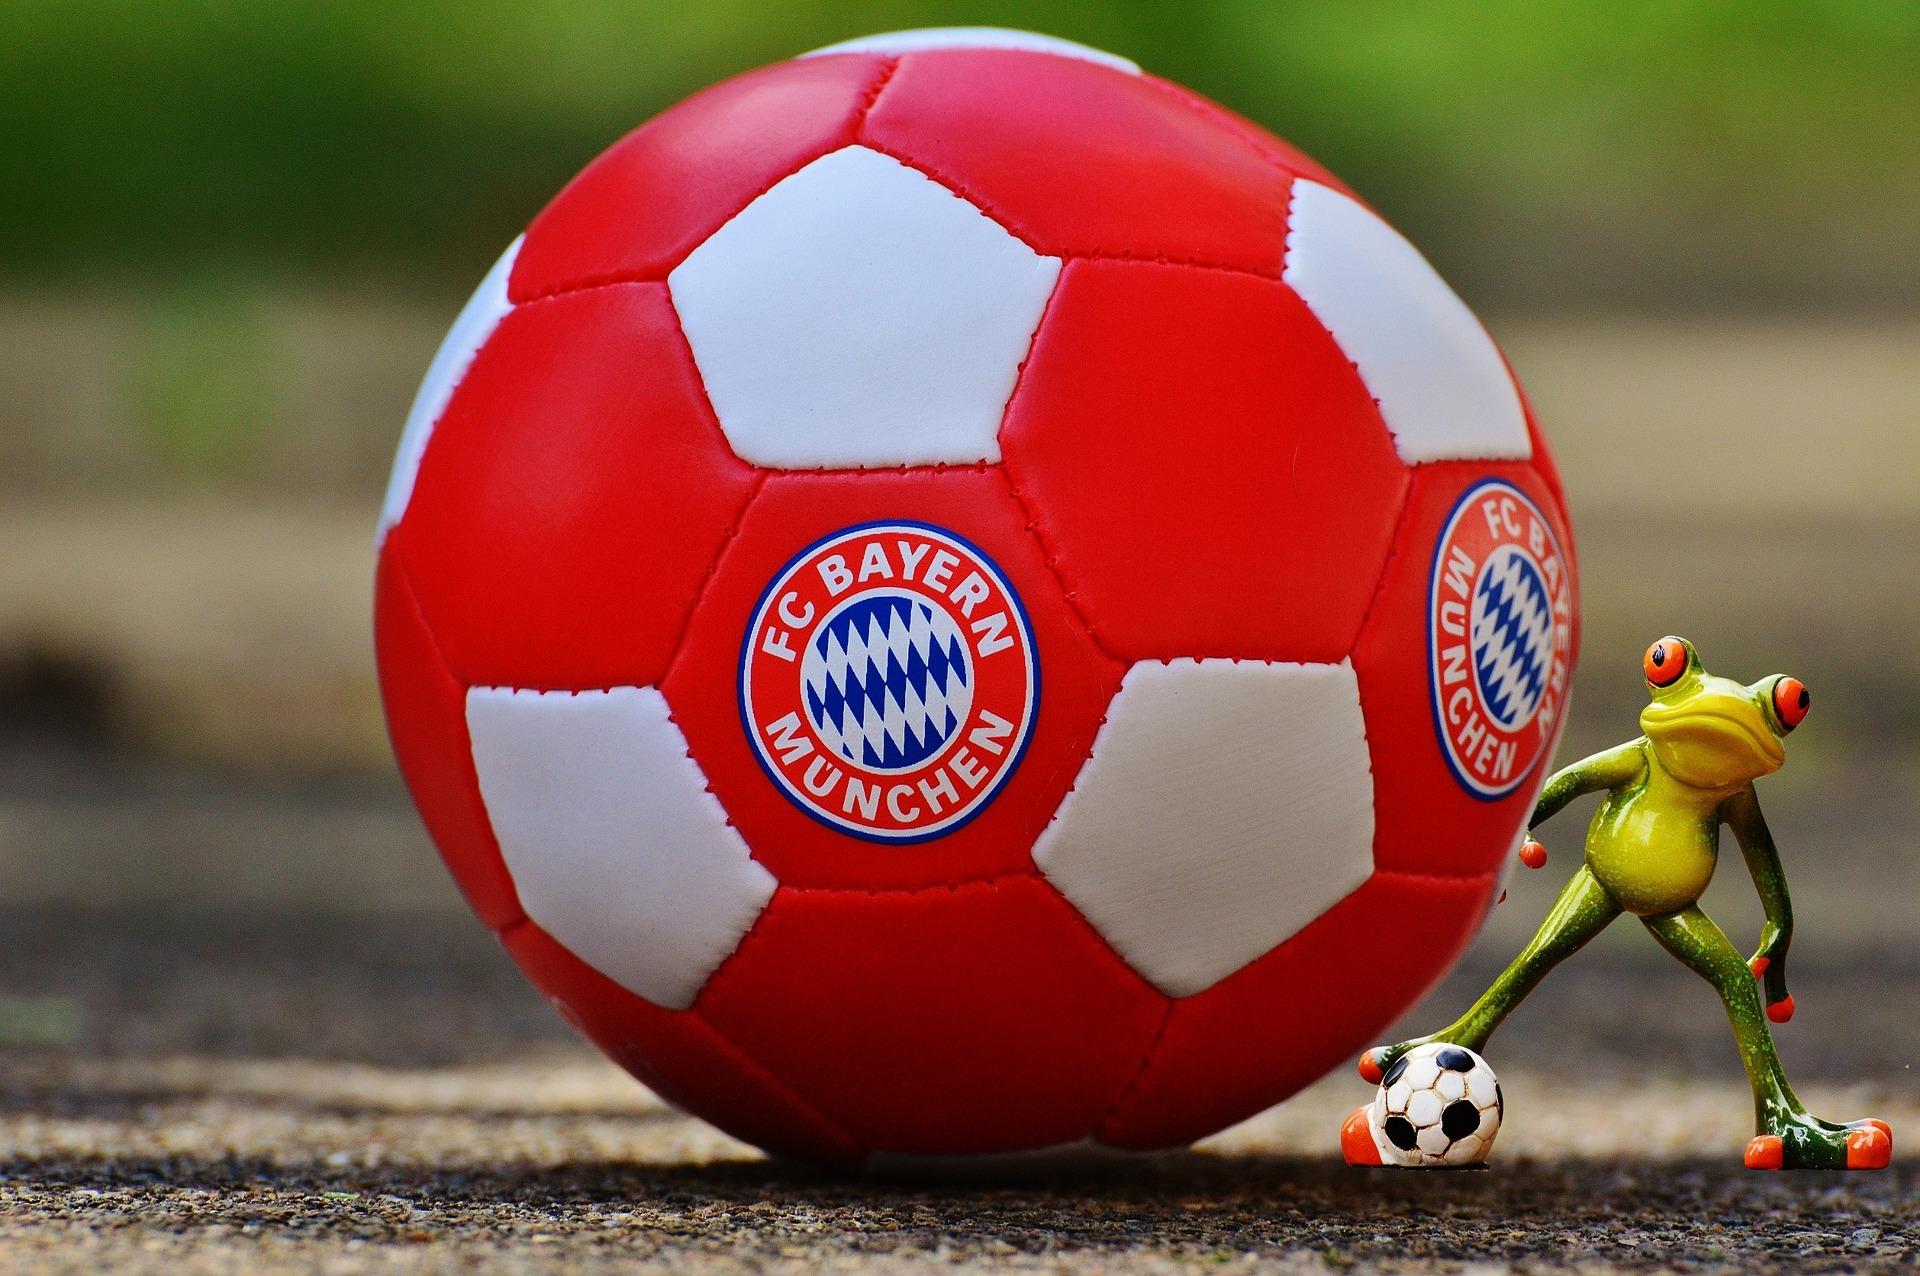 Die Besten Fc Bayern Witze Wir Lieben Es Lustigs Webseite